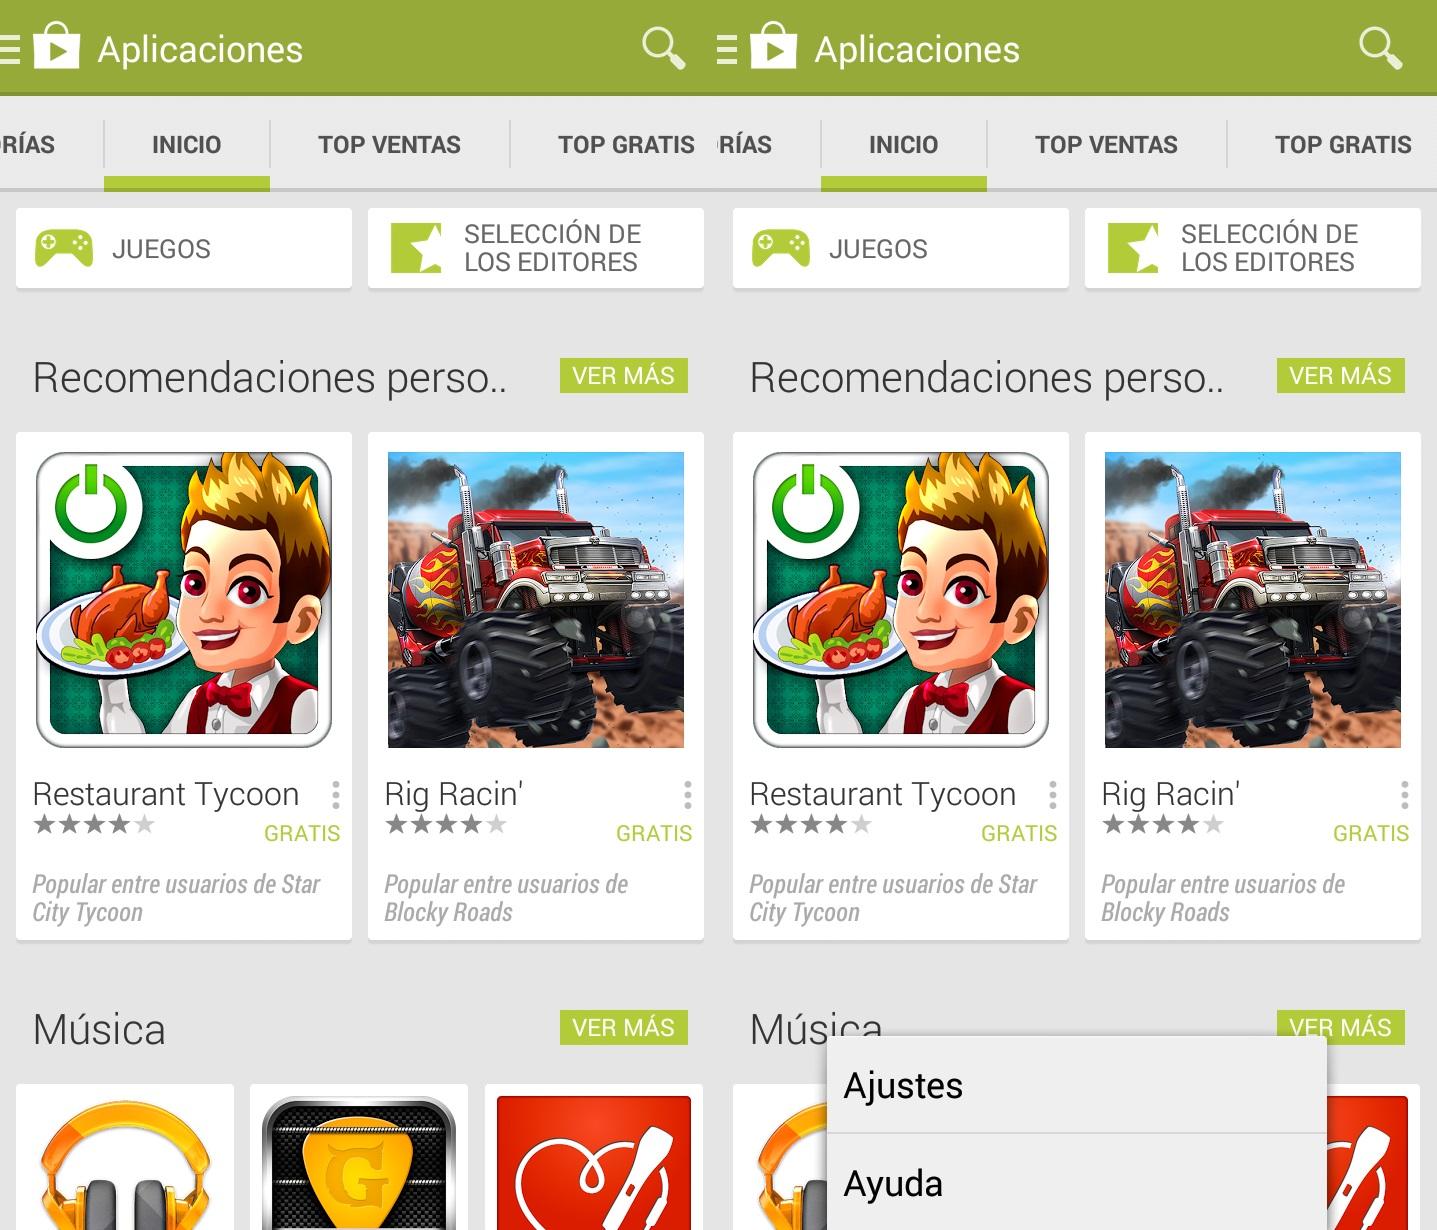 Desactivar actualizaciones automáticas Google Play